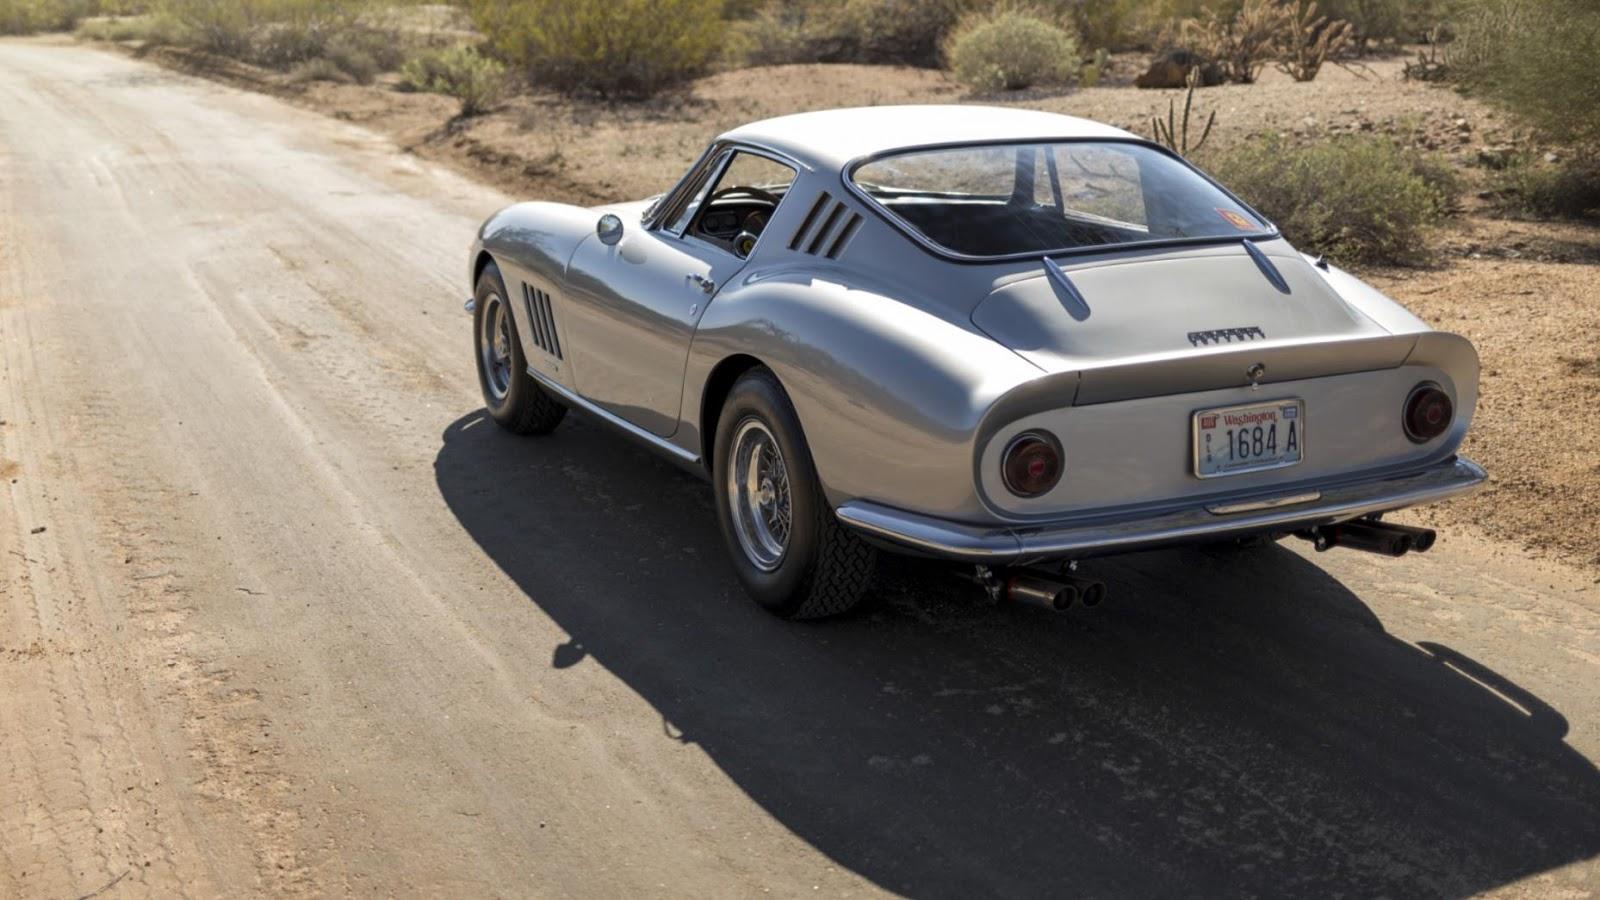 1967 Ferrari 275 GTB/4: $2,750,000